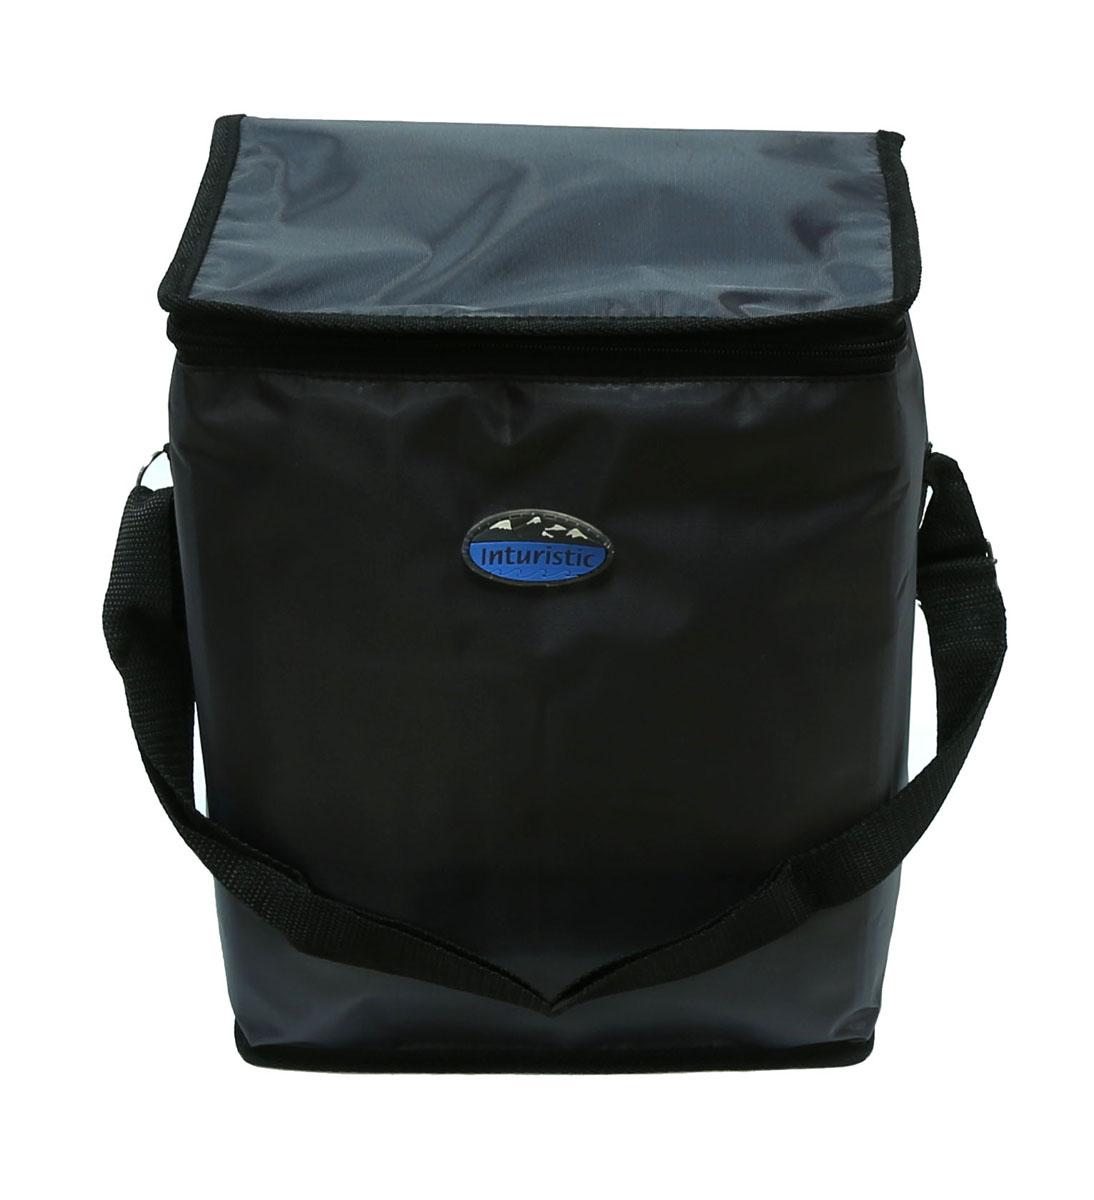 Сумка изотермическая Inturistic, цвет: серый, 17 лAS 25Изотермическая сумка Inturistic поможет сохранить температуру пищи и напитков в течение нескольких часов. Она будет удобна при поездках на дачу, на пикник и дальних путешествиях. Коэффициент теплового отражения не менее 90%. Температурный диапазон от -60°С до 140°С. Вмещает по высоте до 6 ПЭТ бутылок емкостью 1,5 л с прохладительными напитками. Наибольший эффект достигается при использовании аккумуляторов холода. Имеется карман для аккумулятора холода. Карман можно использовать для переноски необходимых мелочей. Сумка удобна для переноски контейнеров с едой и ланч боксов.Материал: Oxford ПВХ, тепло/гидроизоляционный материал, термостойкая изоляция.Объем сумки: 17 л.Размер сумки: 26 х 20 х 32 см.